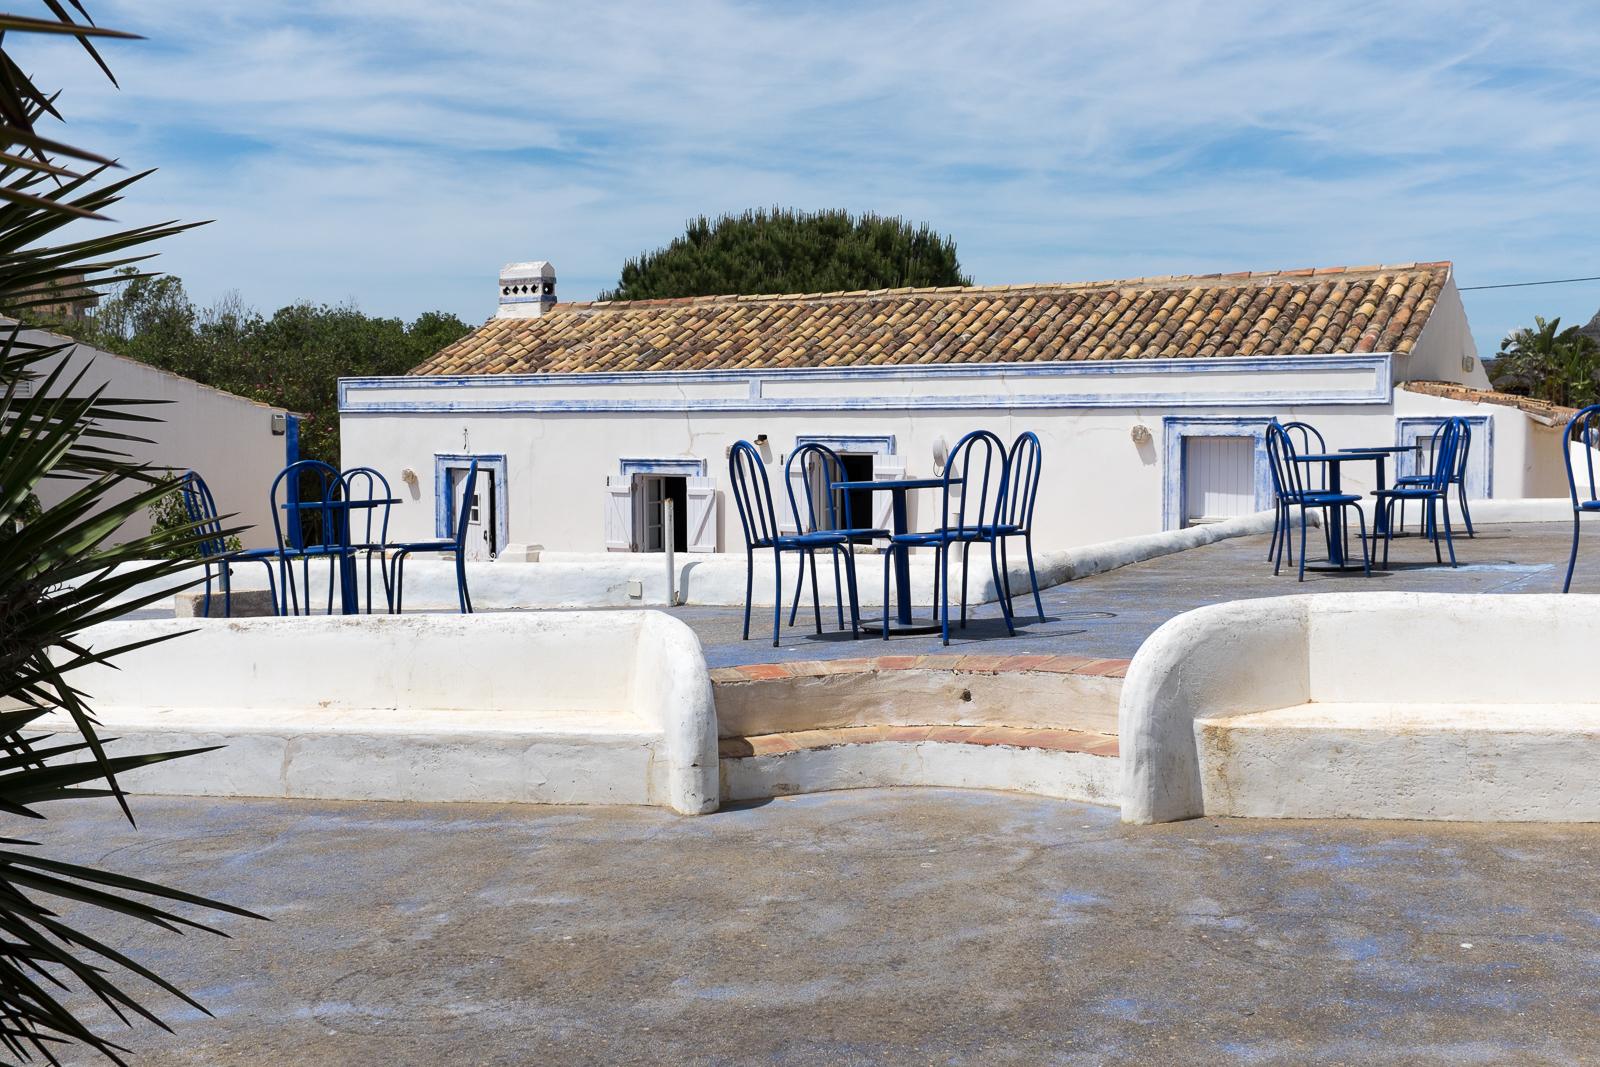 Dag02-Algarve-017-IMG_41590